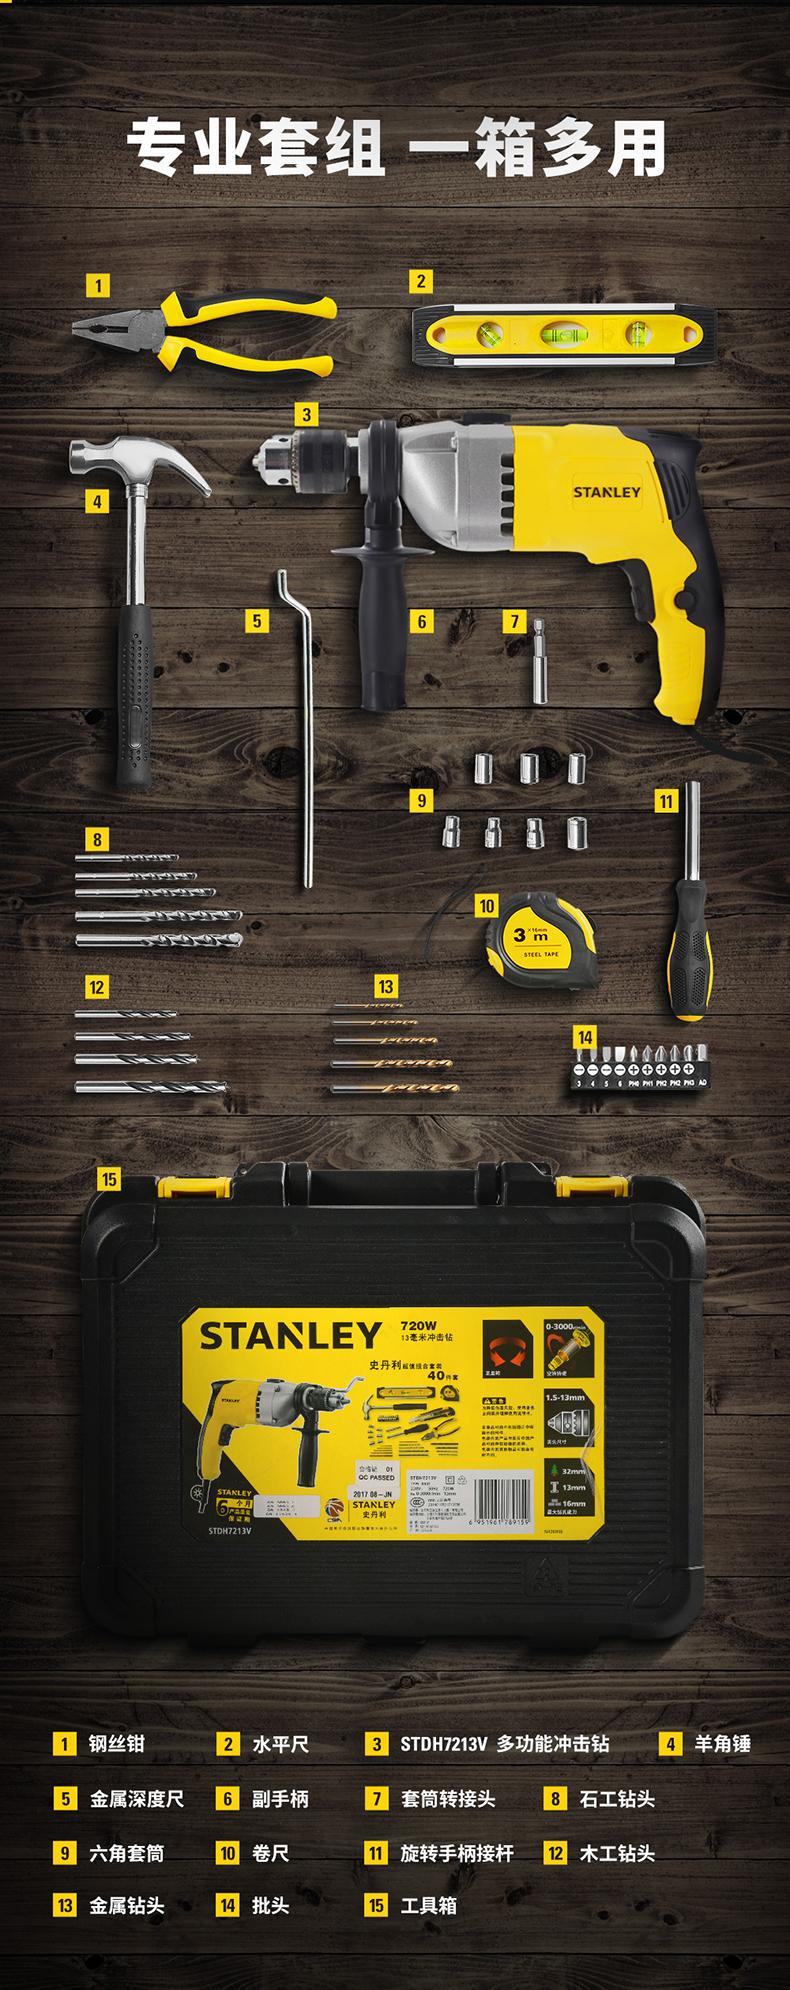 顶级工具品牌 美国 史丹利 冲击钻 多功能电动工具箱 图4